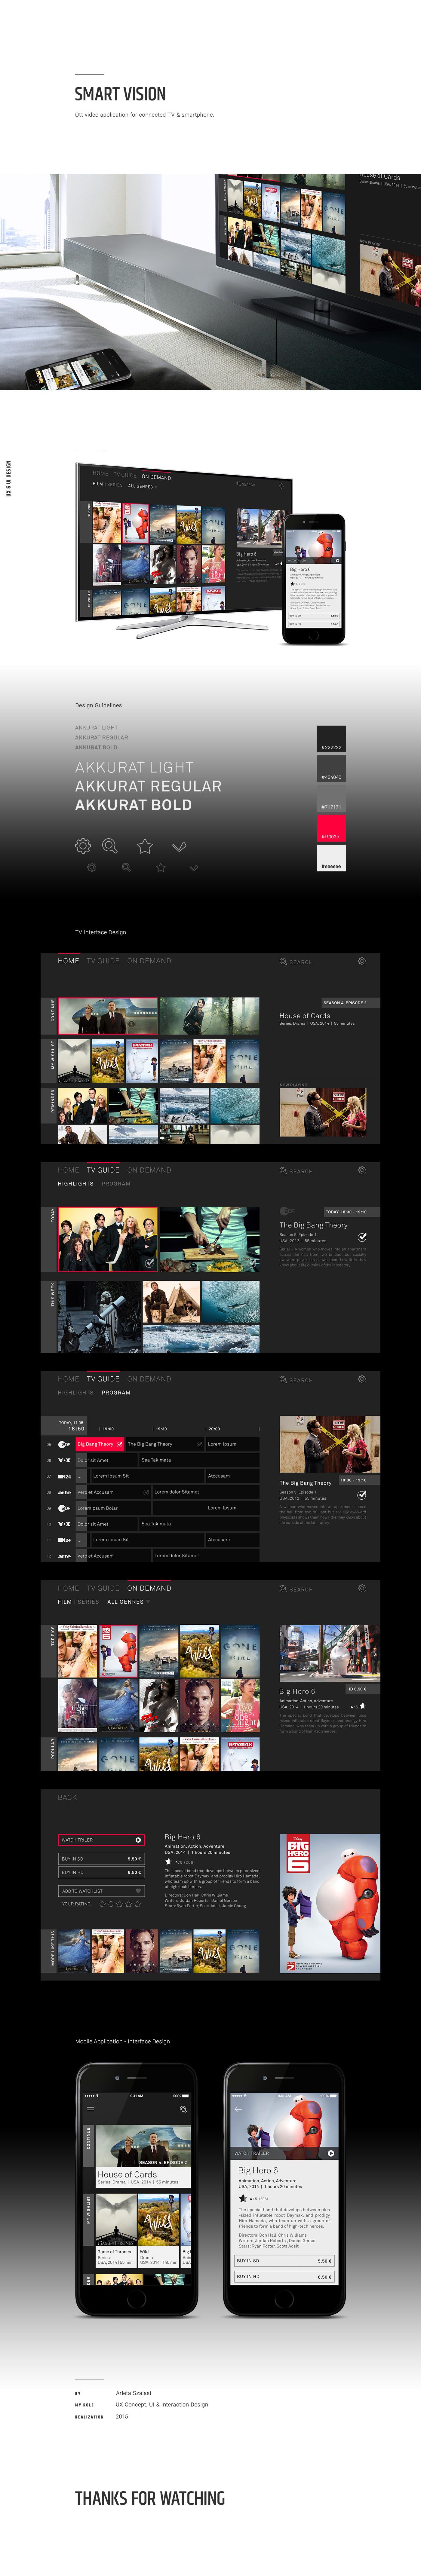 smart tv ui design UX design Interaction design  tv mobile product design  ux UI design